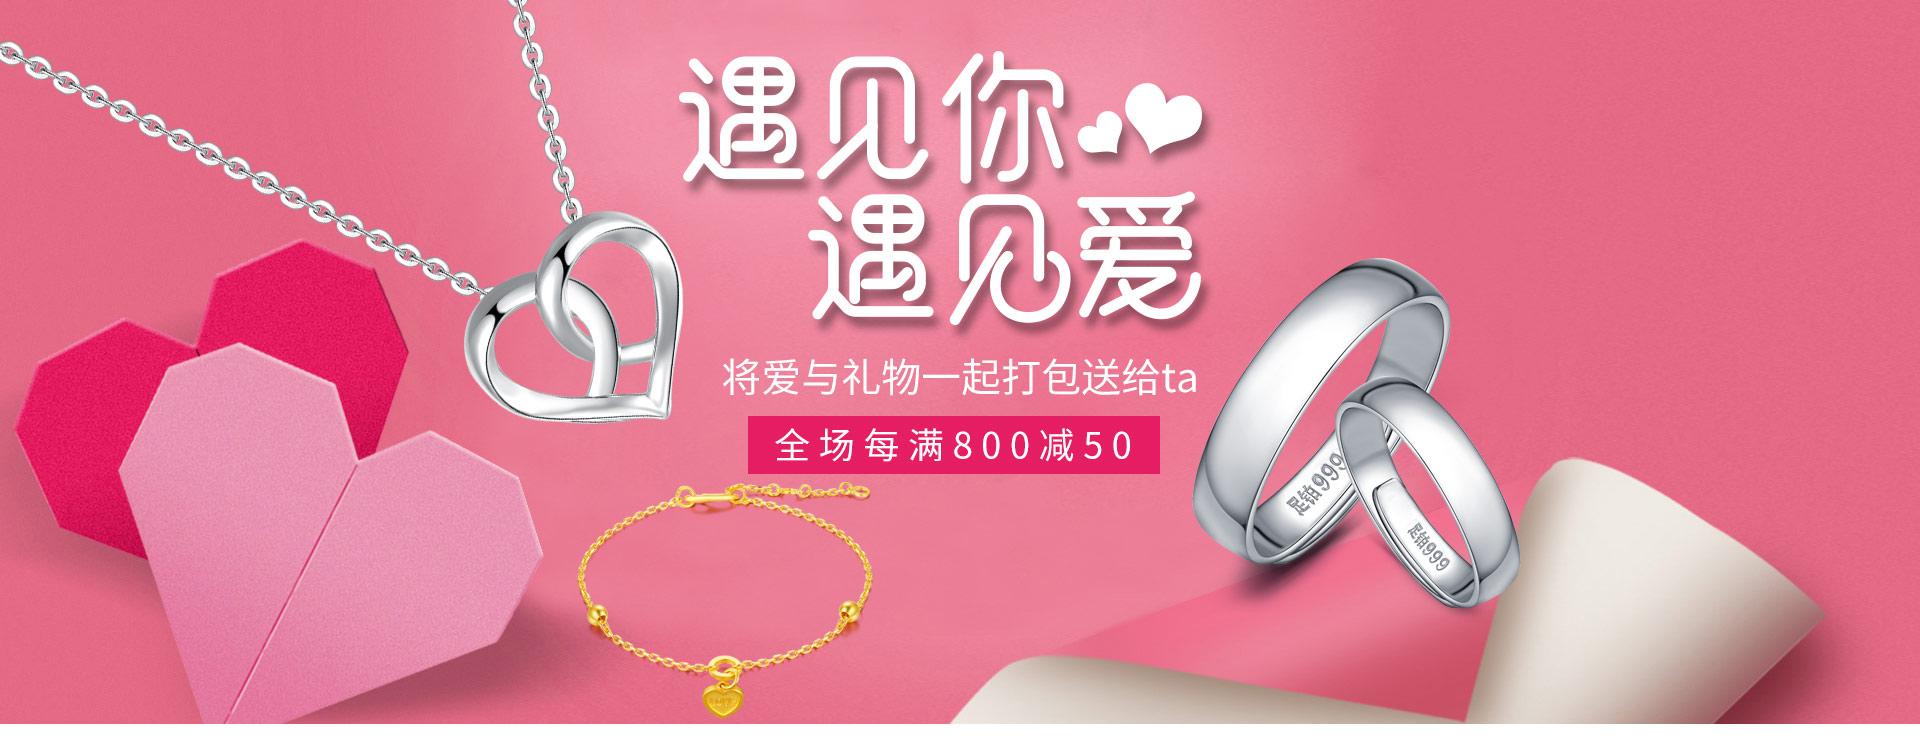 百年福牌珠宝京东旗舰店